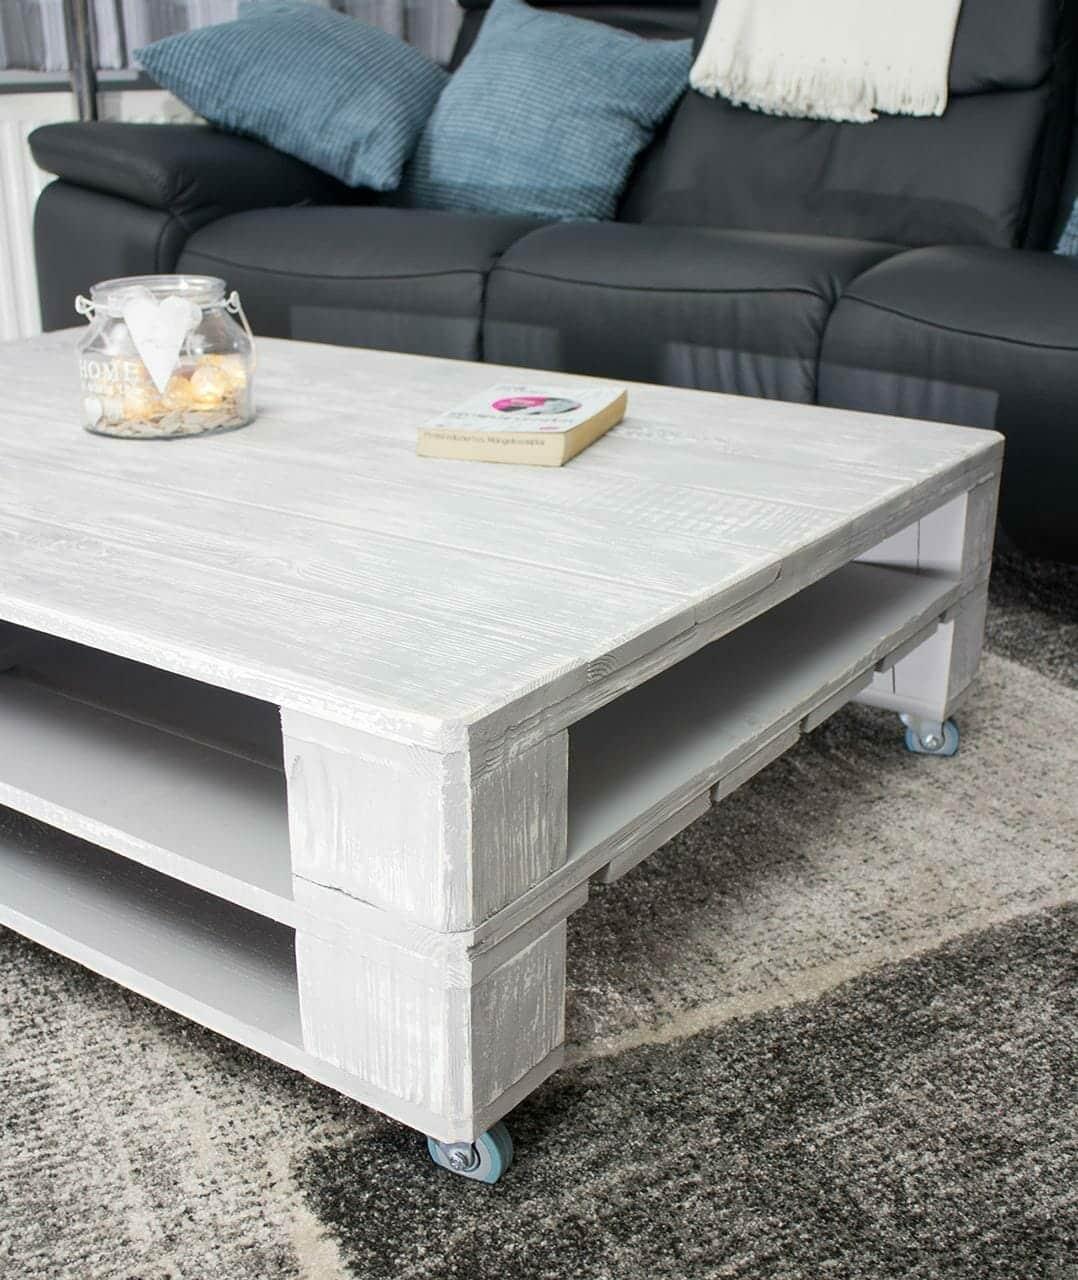 ᐅ Palettentisch - Tisch aus Paletten auf Rollen - 120x80 ...